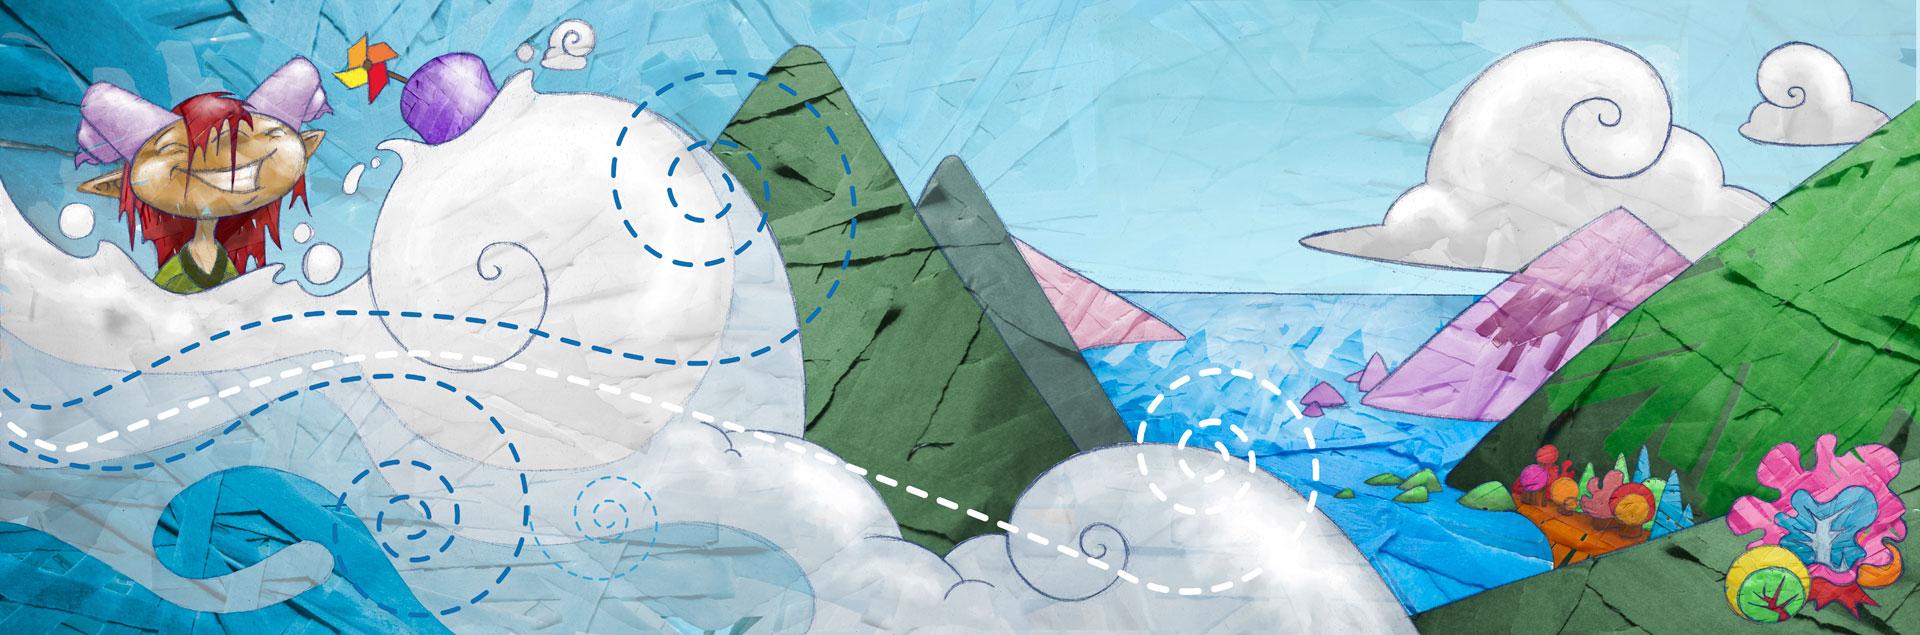 Creatical; Koo y los Pastores de Nubes